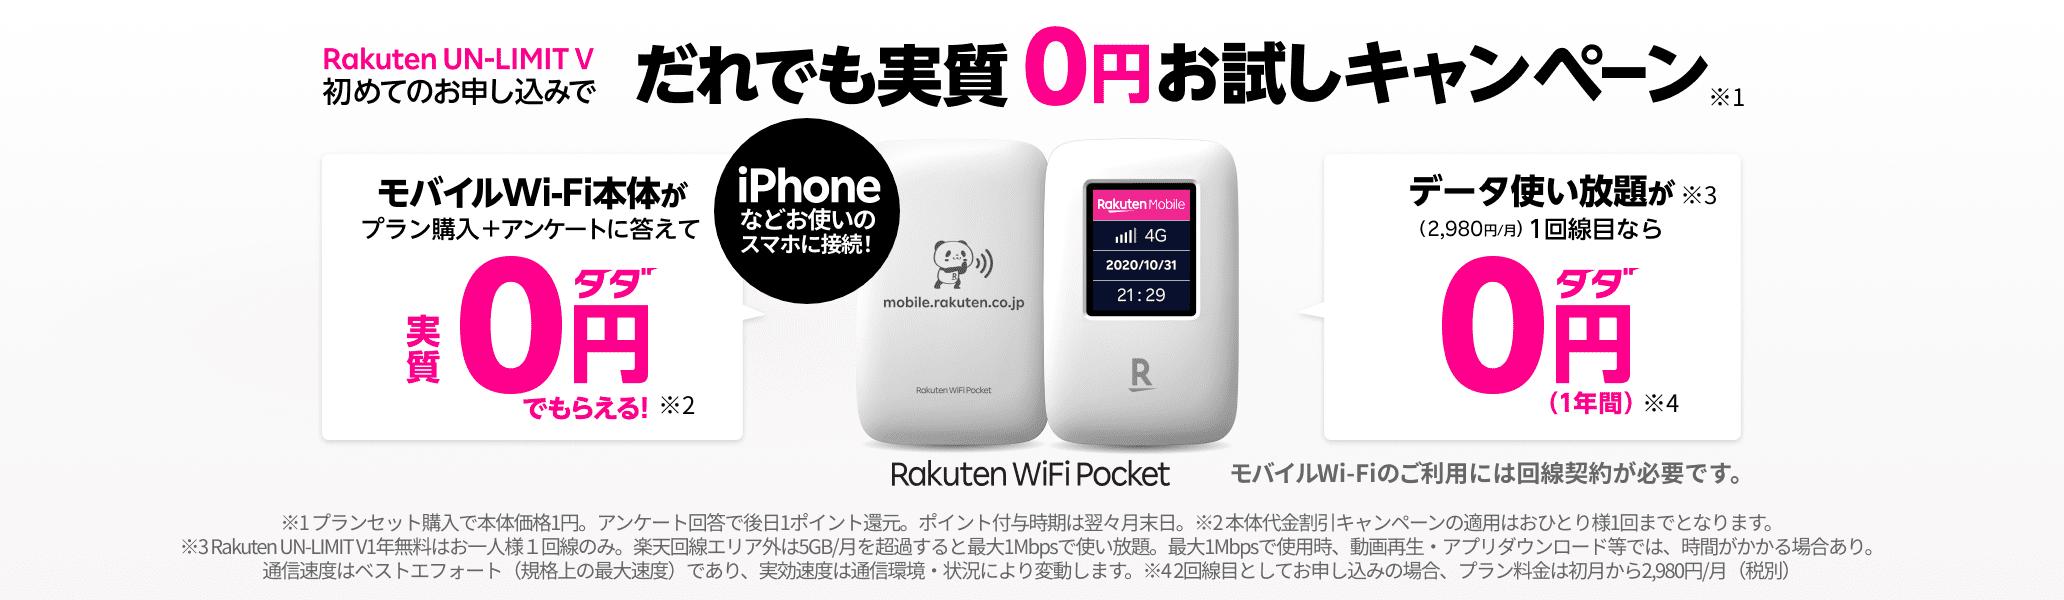 モバイルルーター「Rakuten WiFi Pocketだれでも0円お試しキャンペーン」実施中!